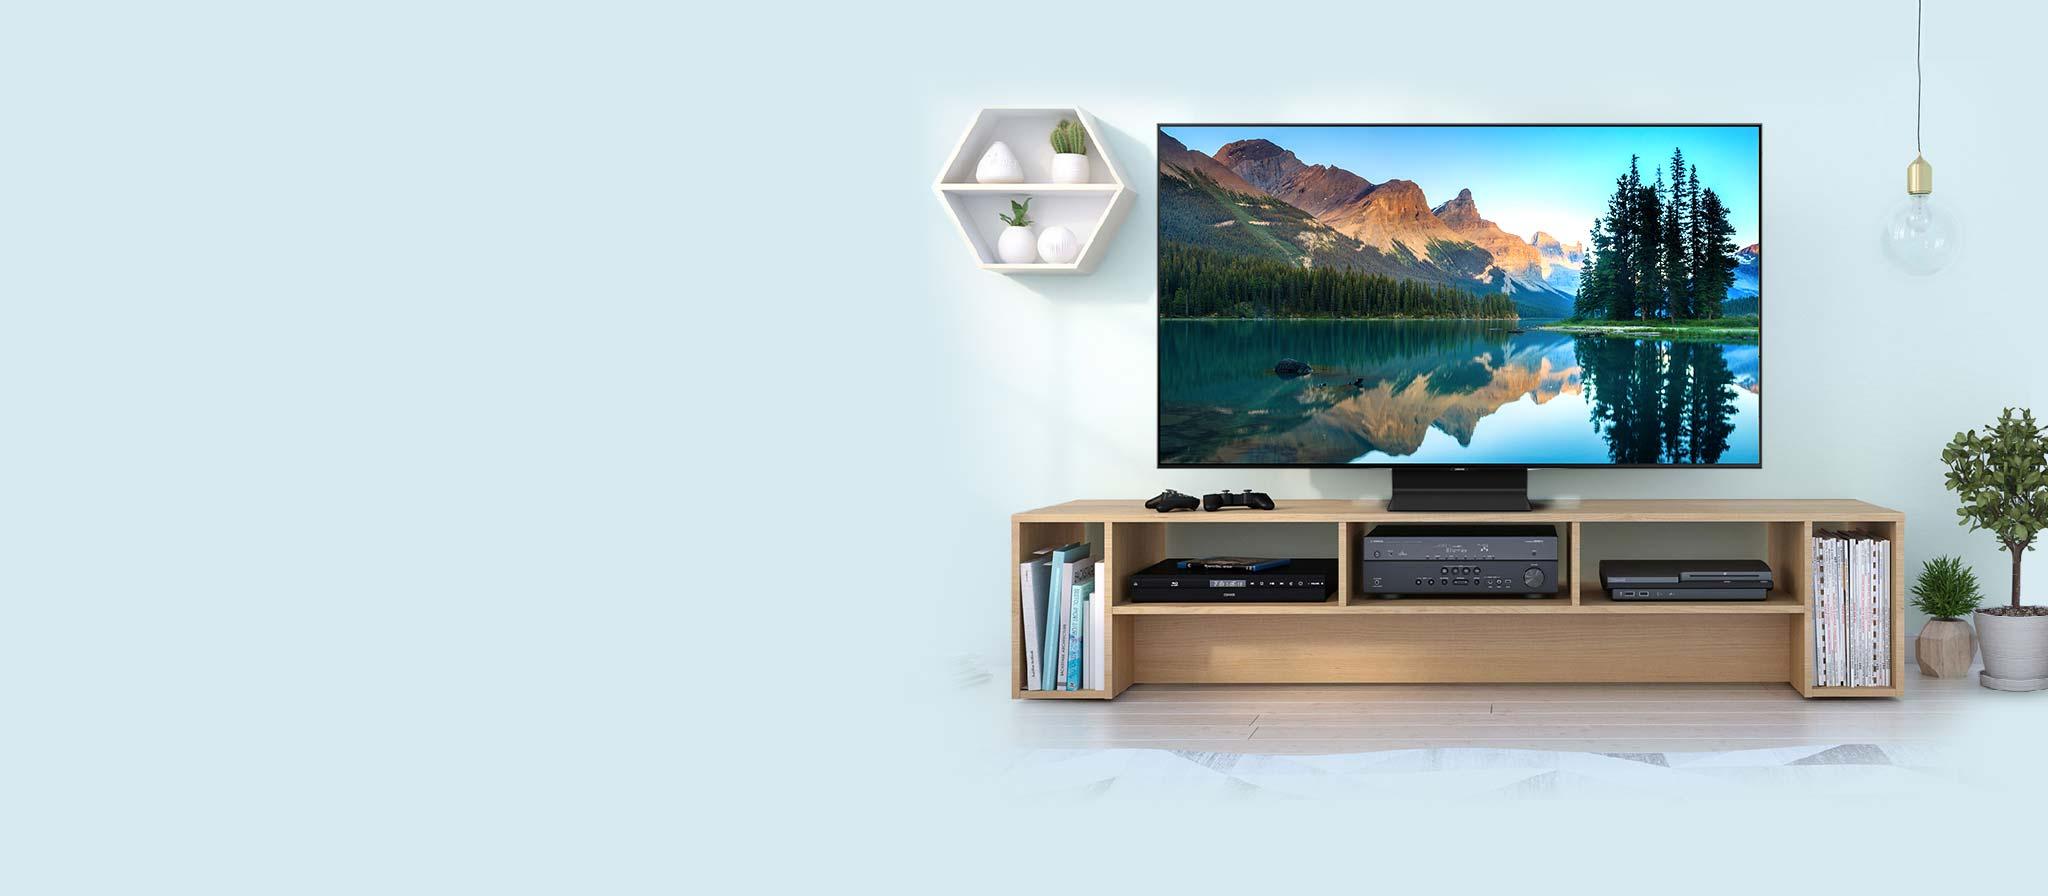 tv stands corner fireplace tv